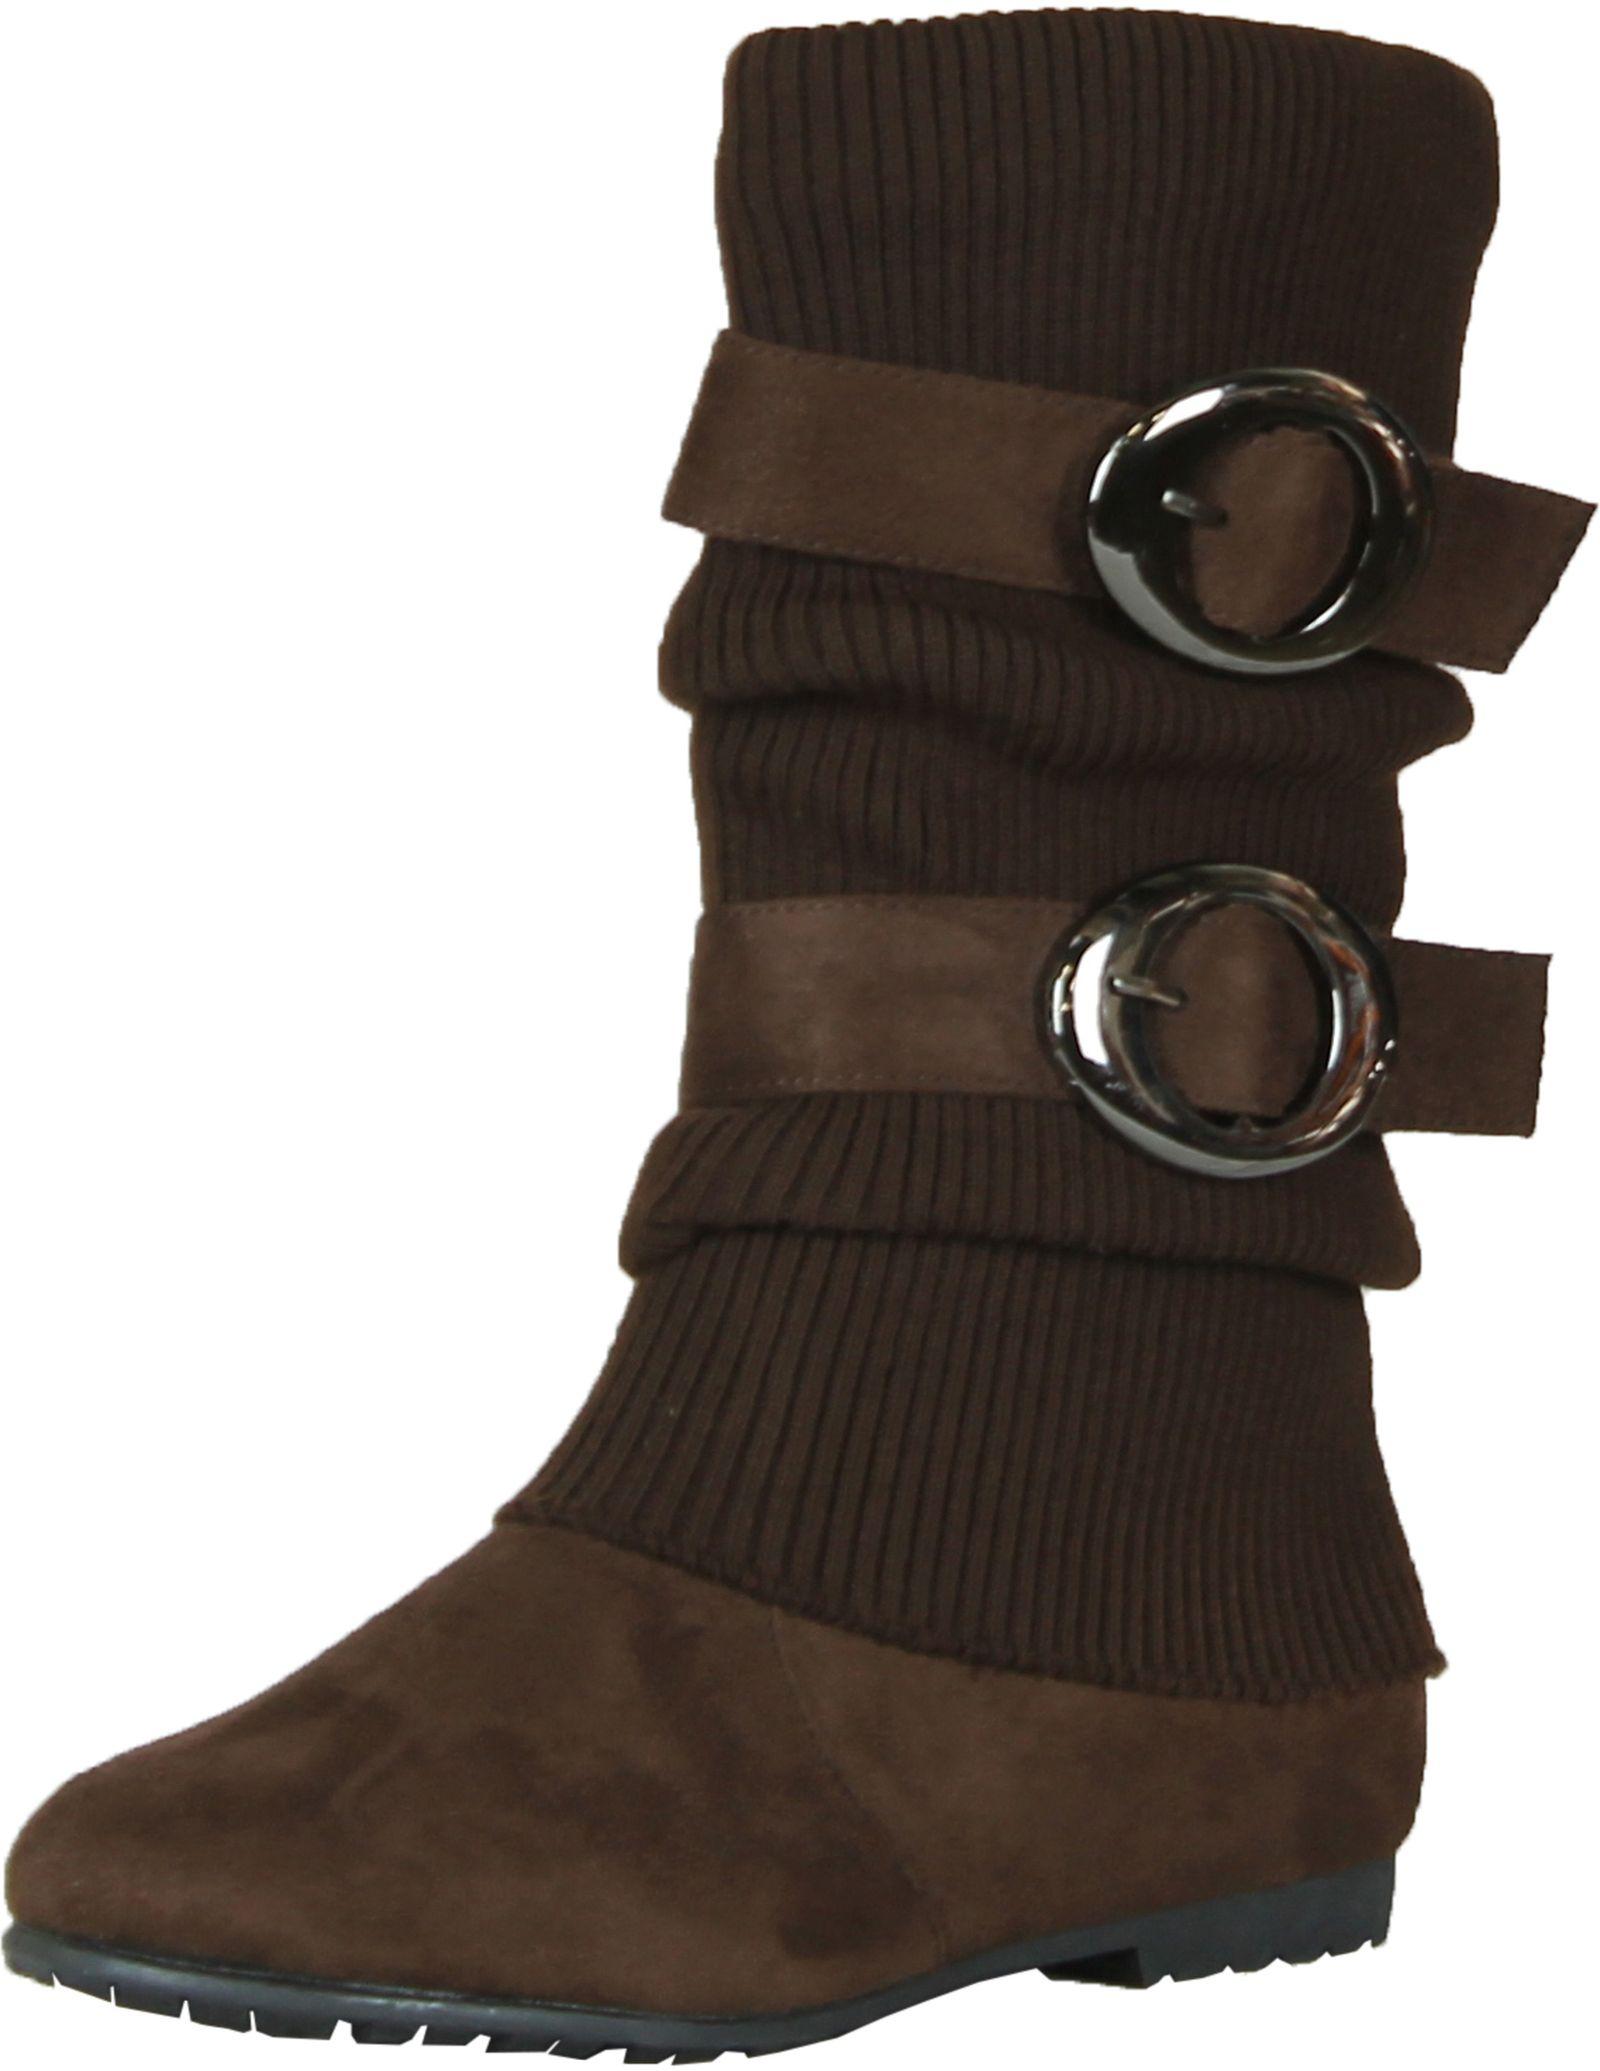 no60 s knitting shaft flat bottom boots ebay